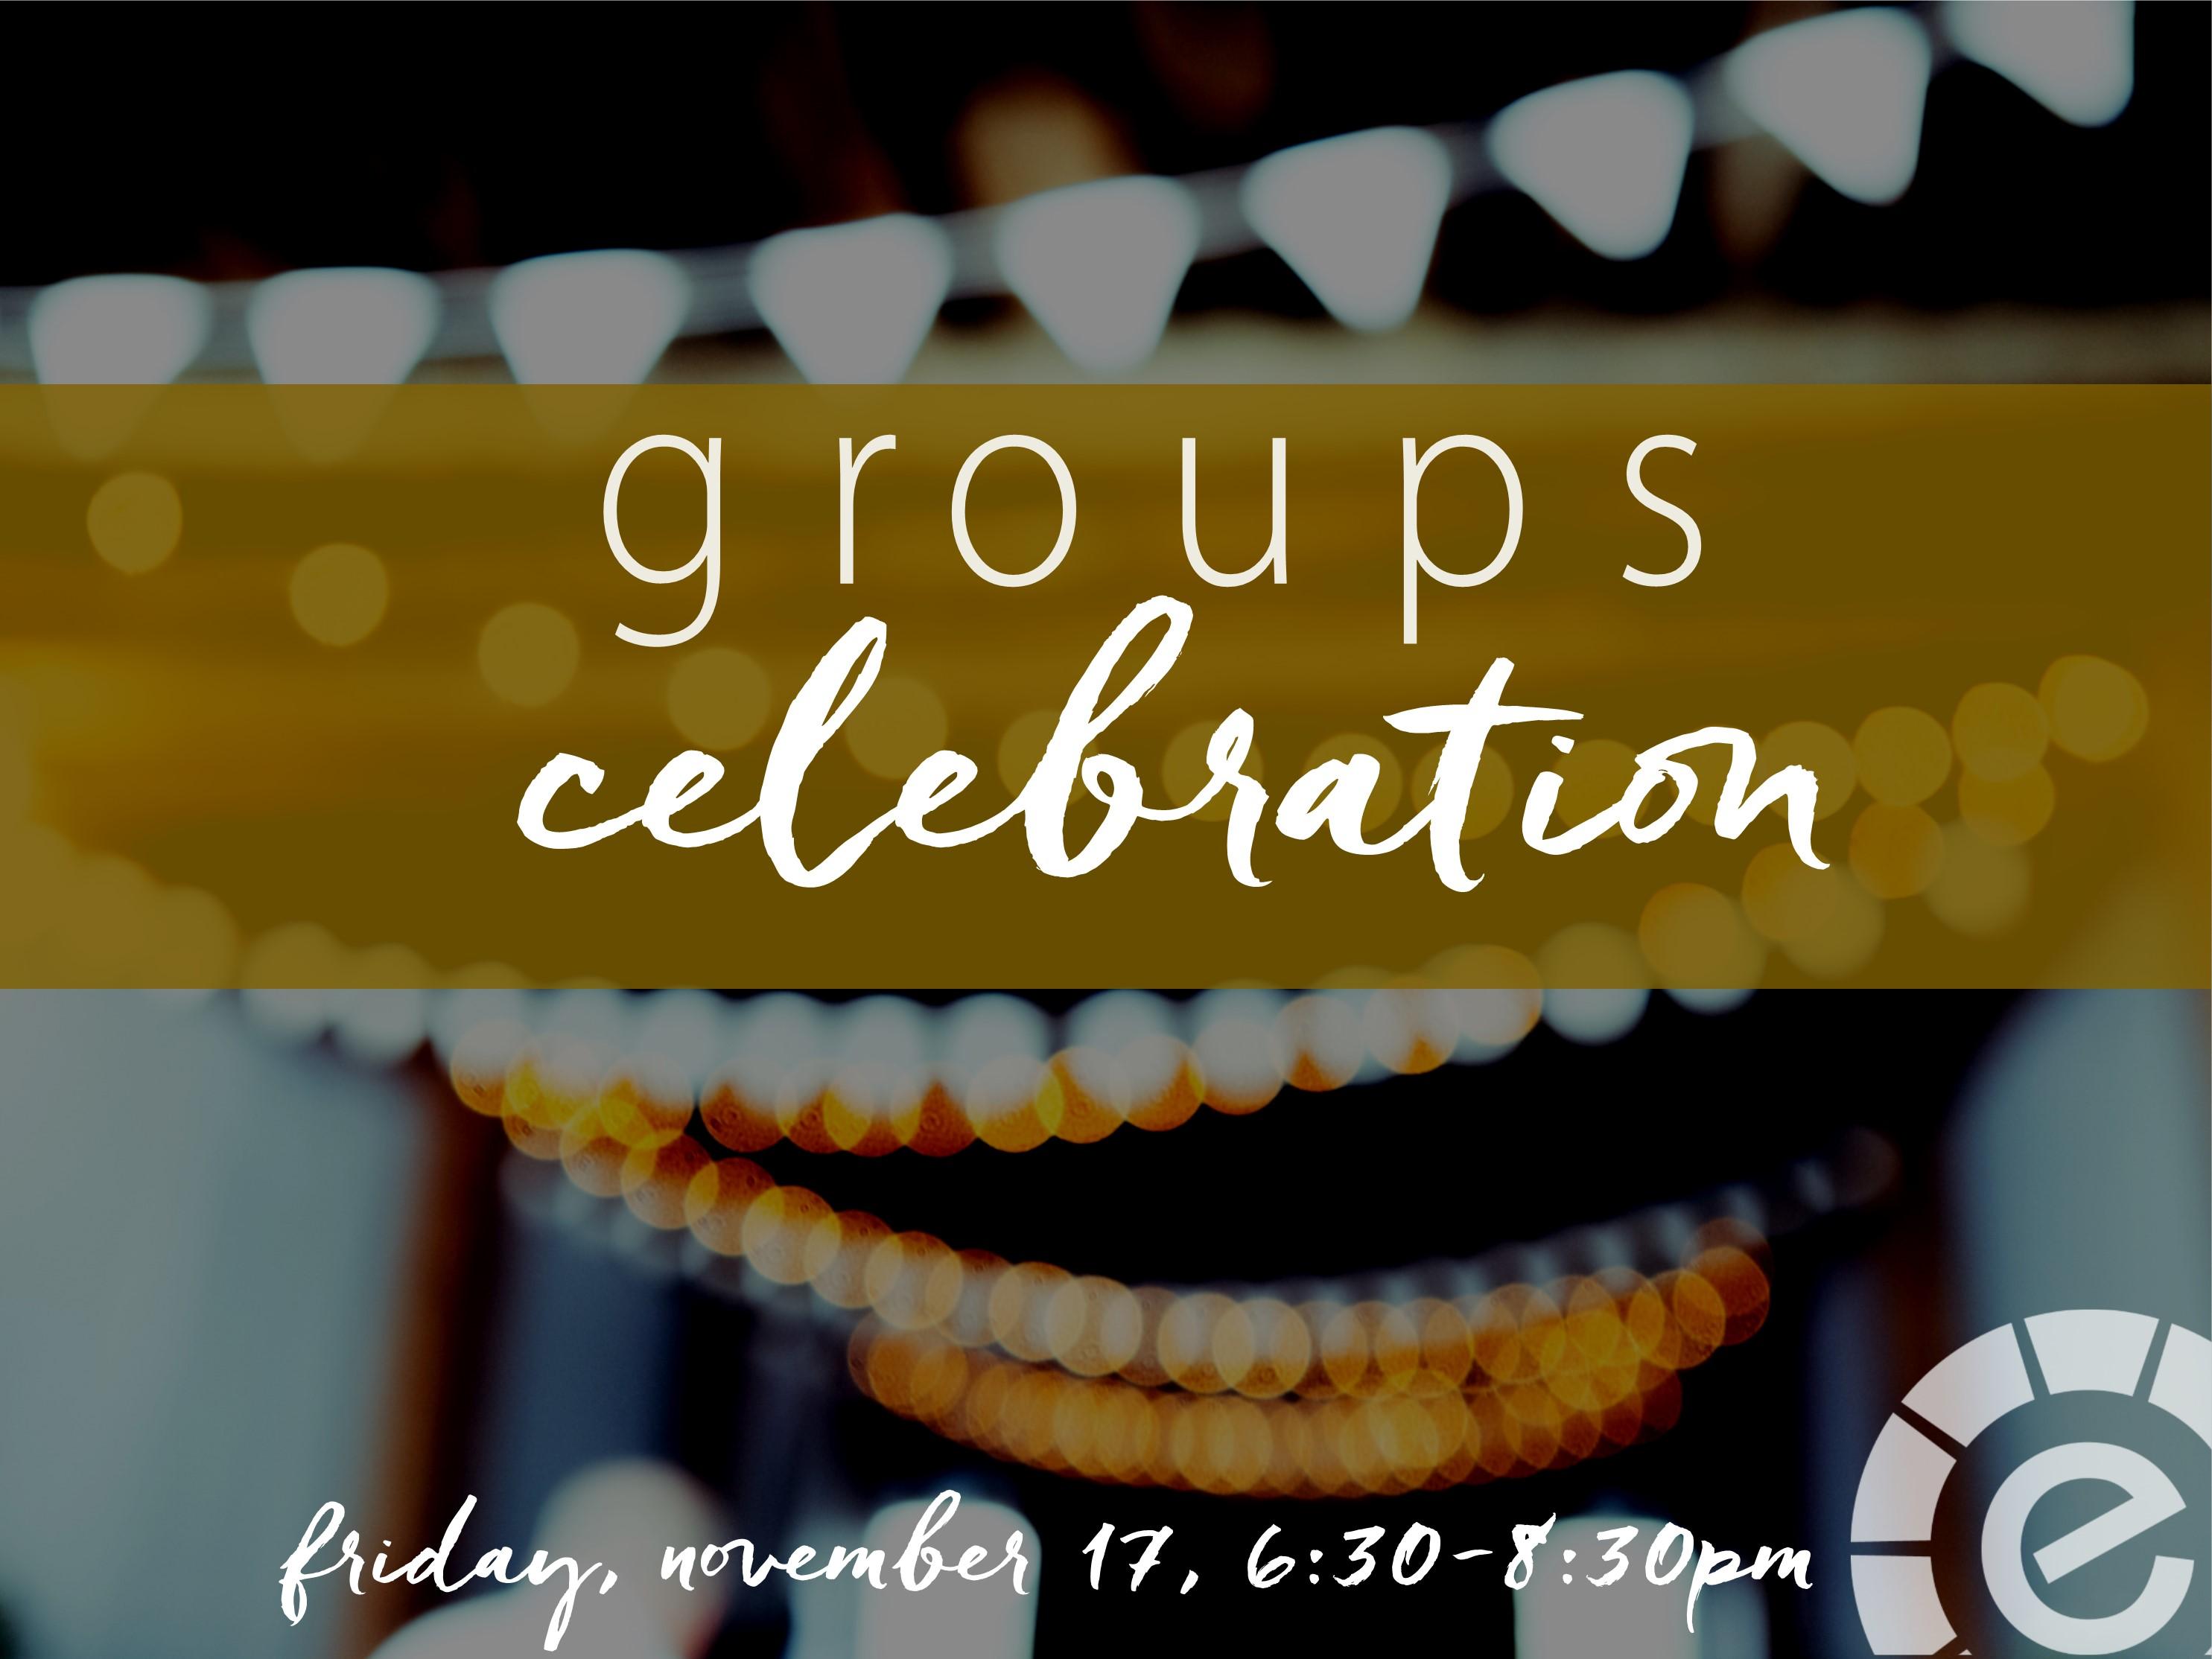 Groups celebration